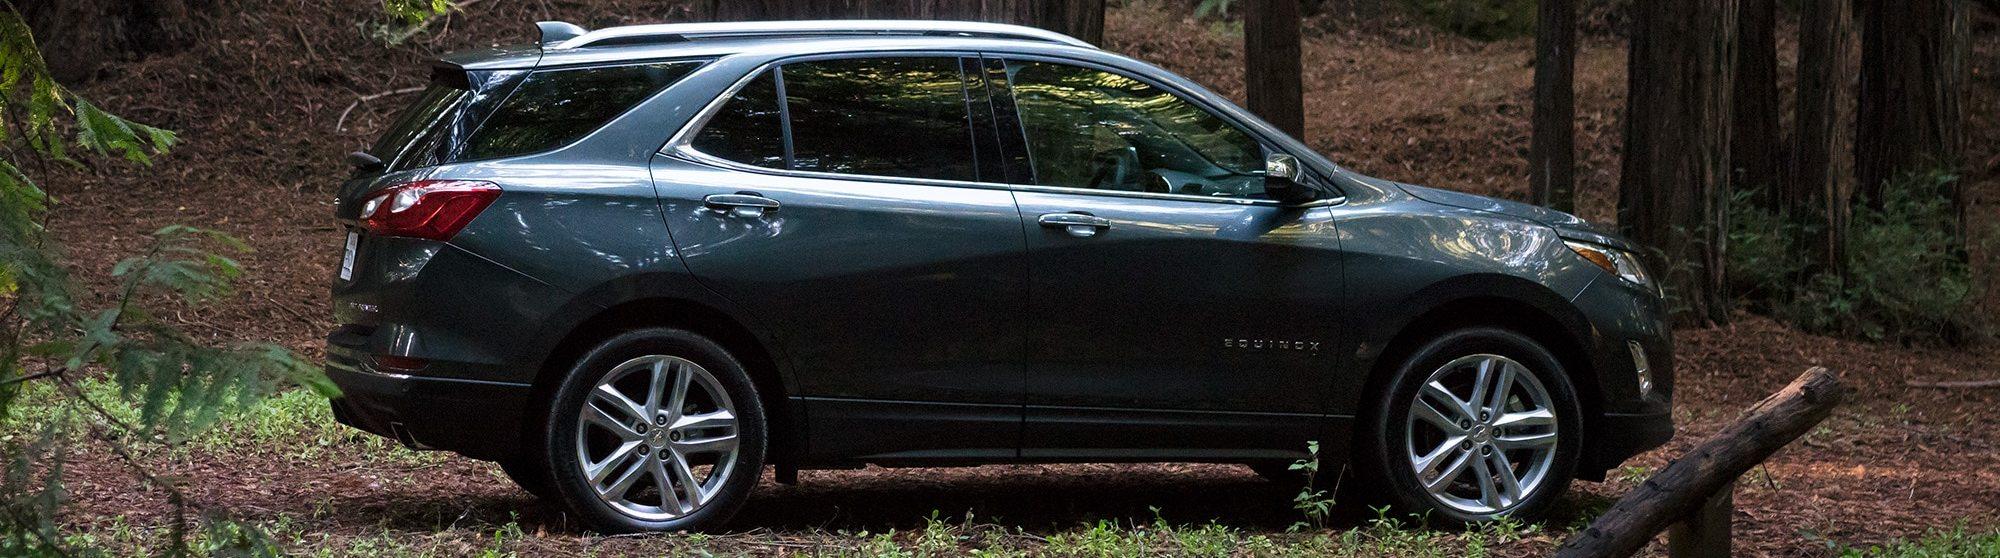 Chevrolet Equinox 2020 a la venta cerca de North County, CA